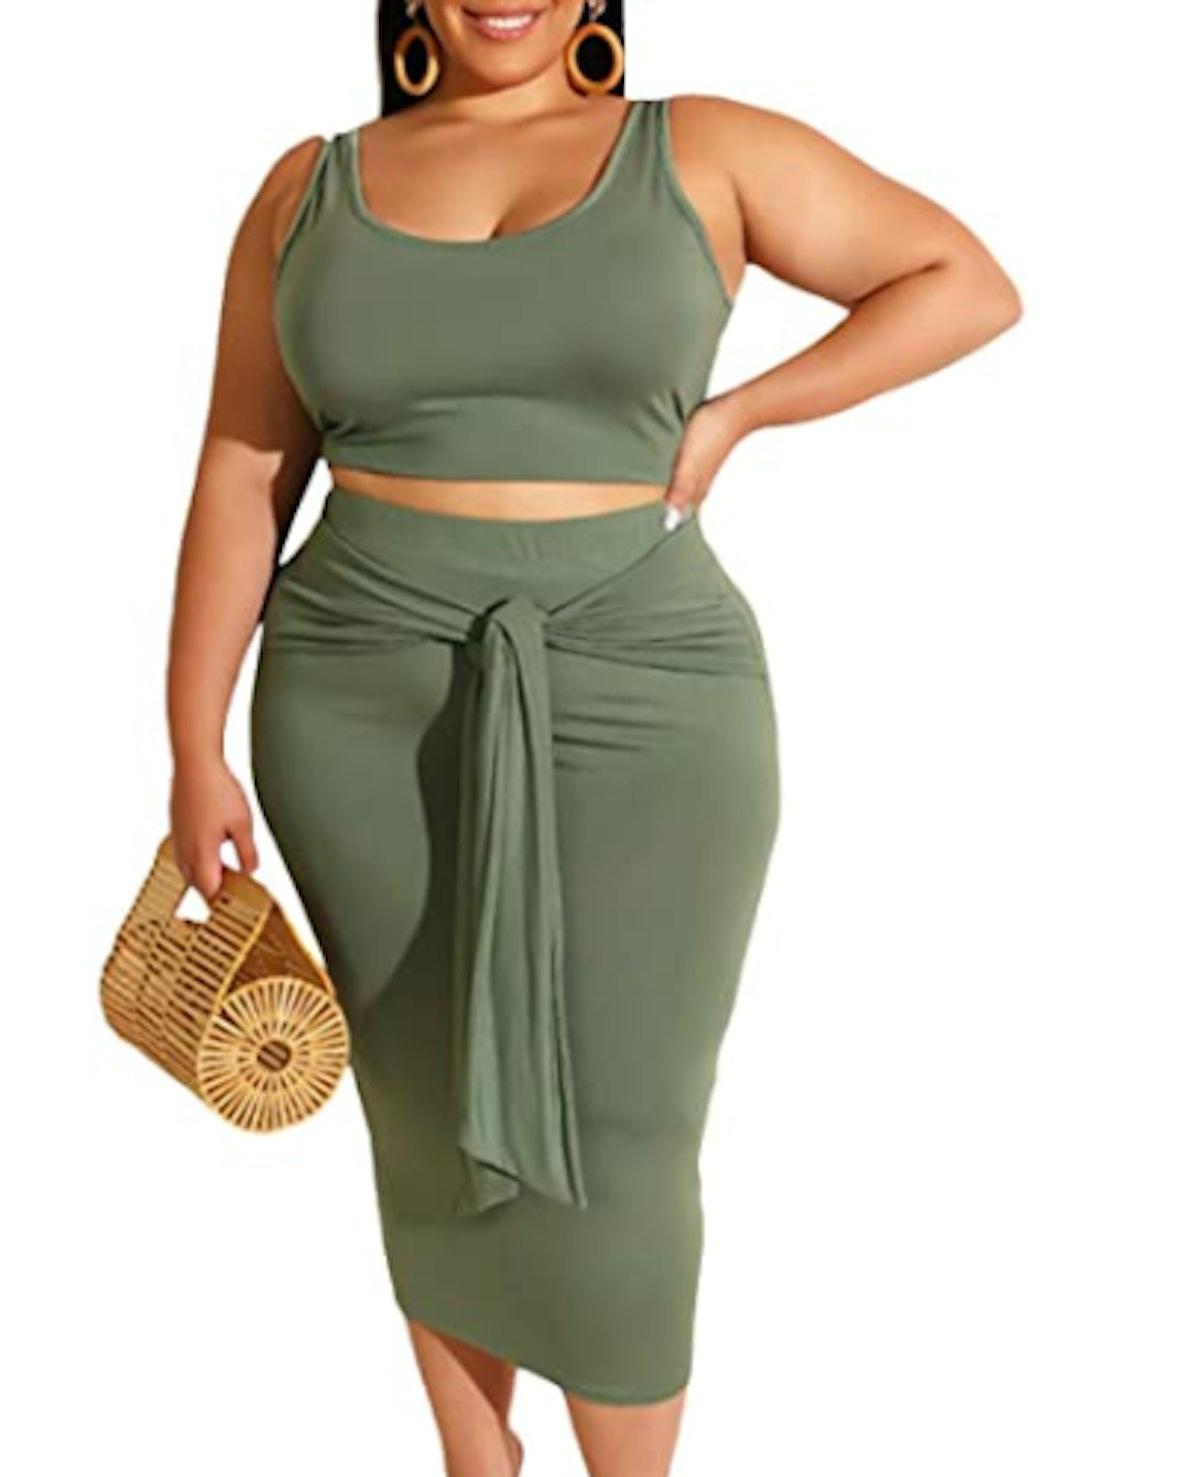 xxxiticat Crop Top and Skirt Set